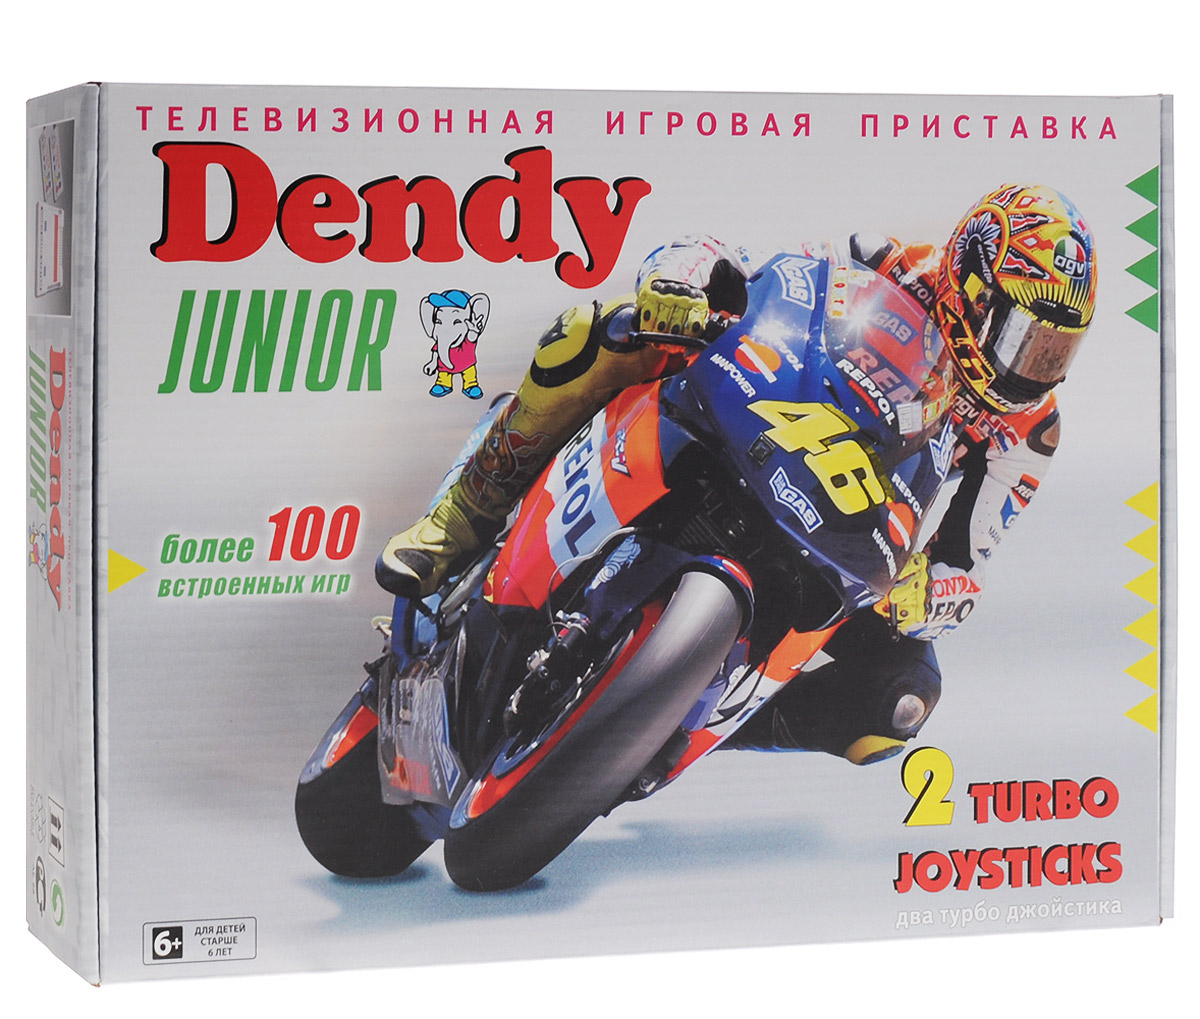 Игровая приставка Dendy Junior (8 bit)HR11Самая популярная 8-битная приставка последнего времени в России. Отличается простотой, неприхотливостью и надежностью в работе.